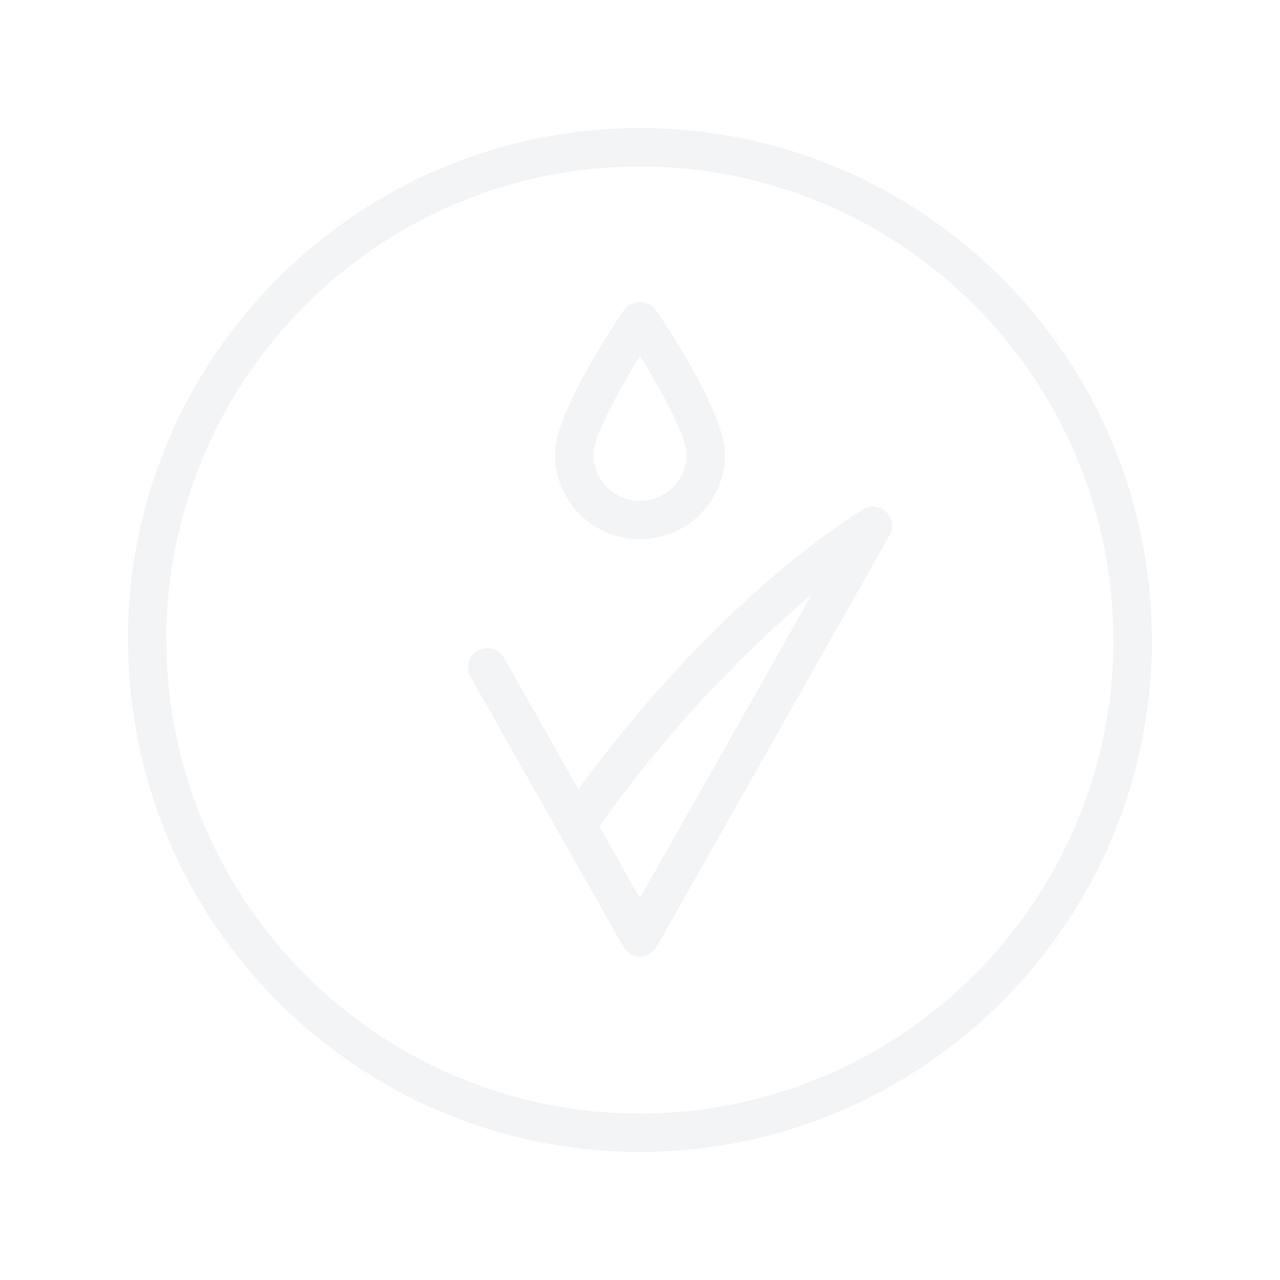 BOURJOIS Healthy Mix Anti-Fatigue Powder No.02 Light Beige 11g